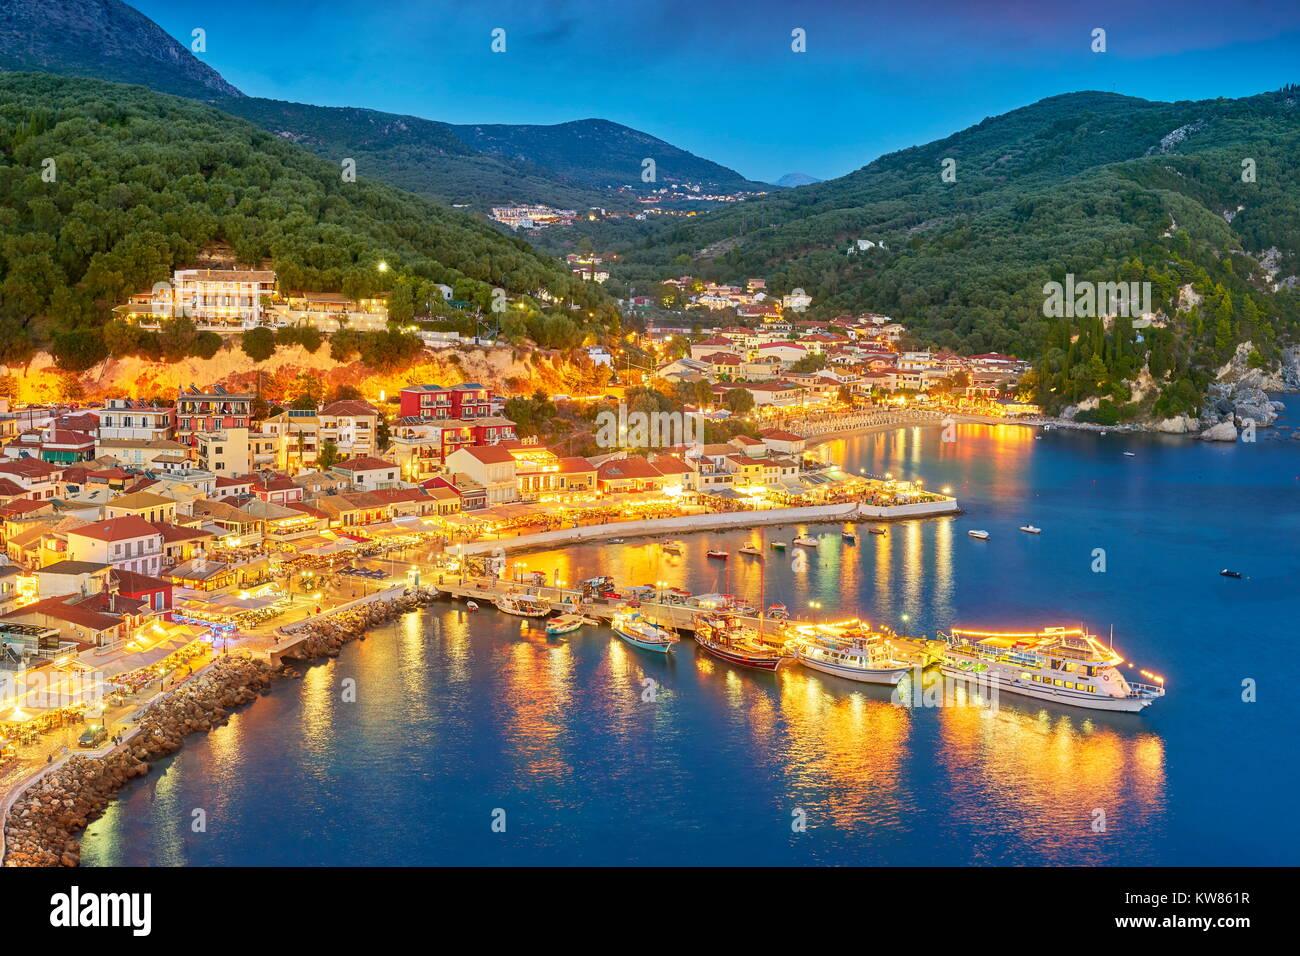 Parga at evening view, Greece - Stock Image